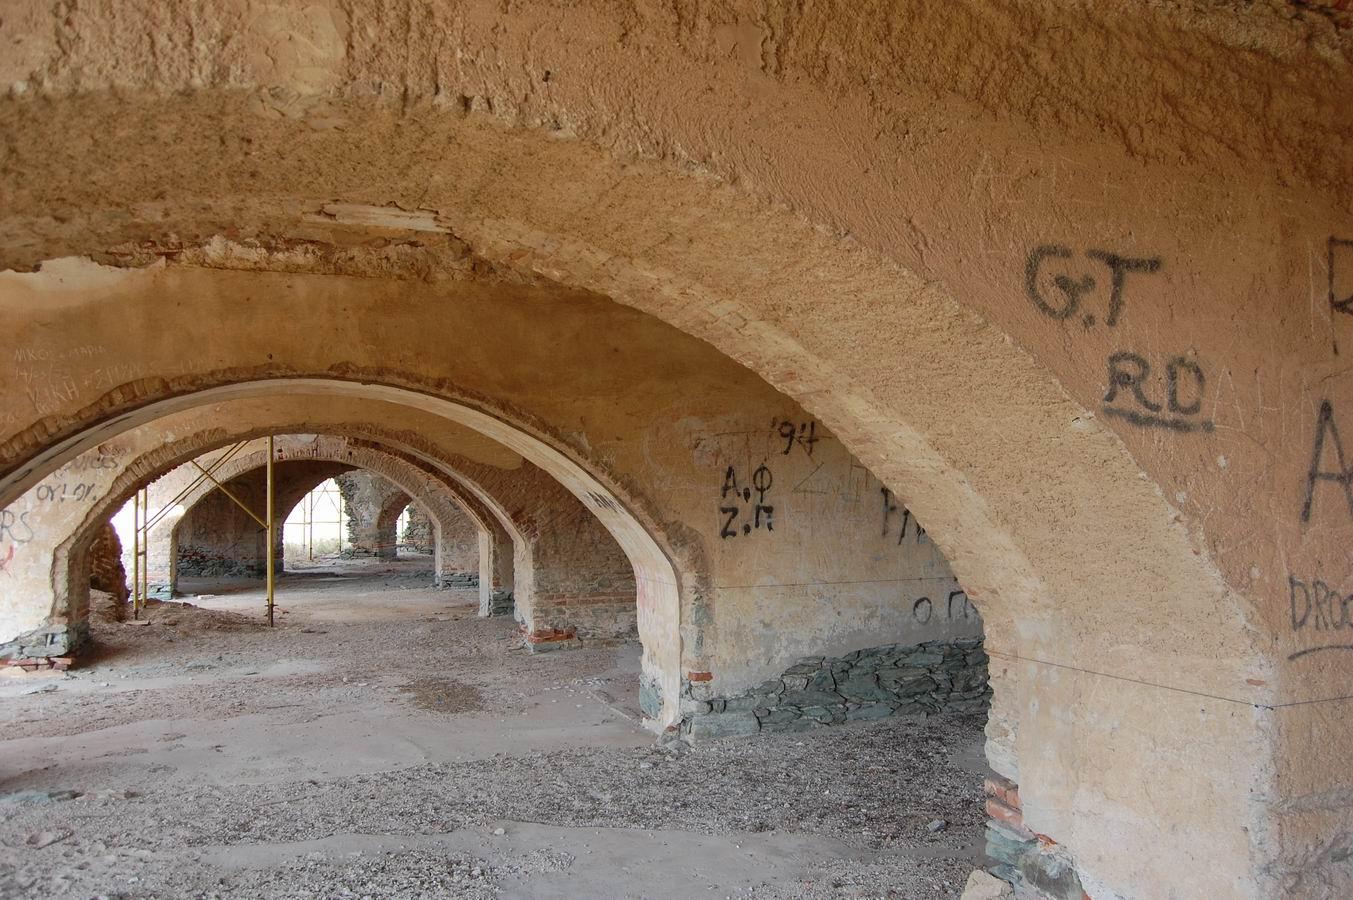 ΚΑΡΑΜΠΟΥΡΝΟΥ οχυρο 1880-2